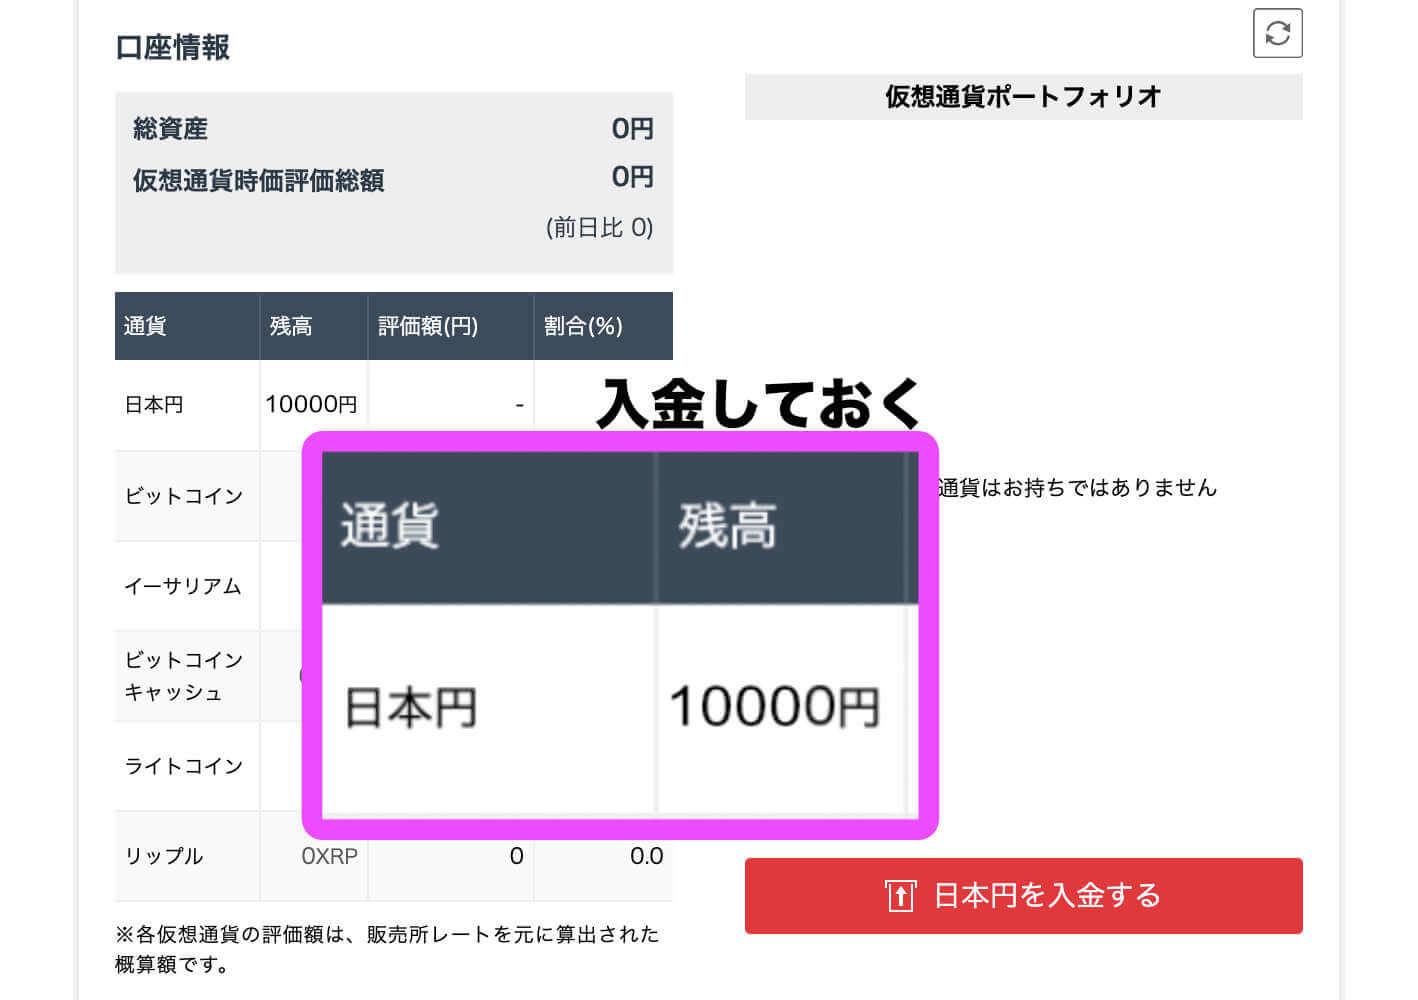 1万円を積立投資にする場合の流れ画像1 仮想通貨(暗号資産)の積立投資はやっぱり最強だった